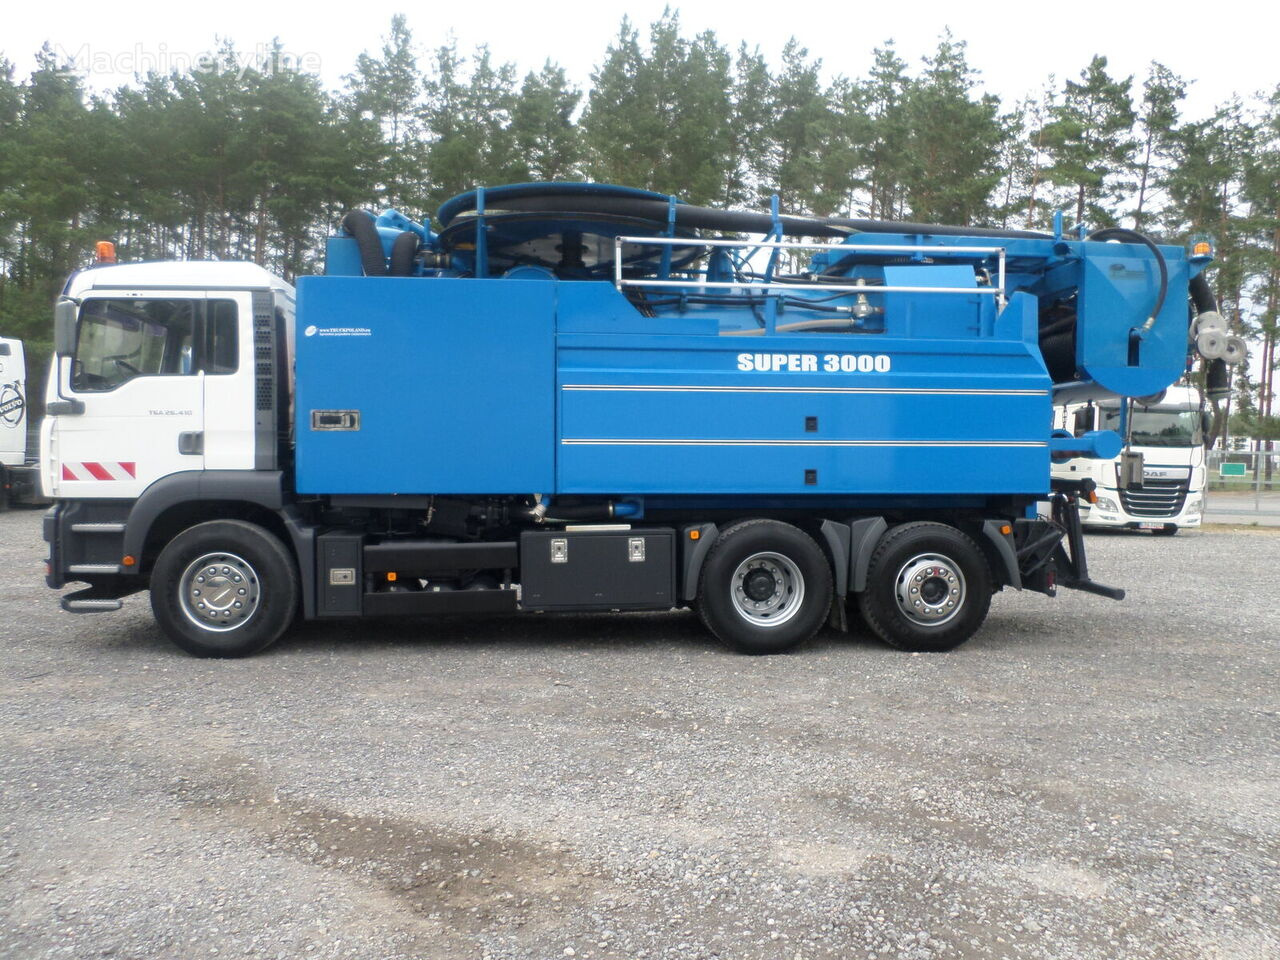 MAN WUKO Wiedemann Super 3000 z recyklingiem PRZEBIEG 53 777 km imuauto